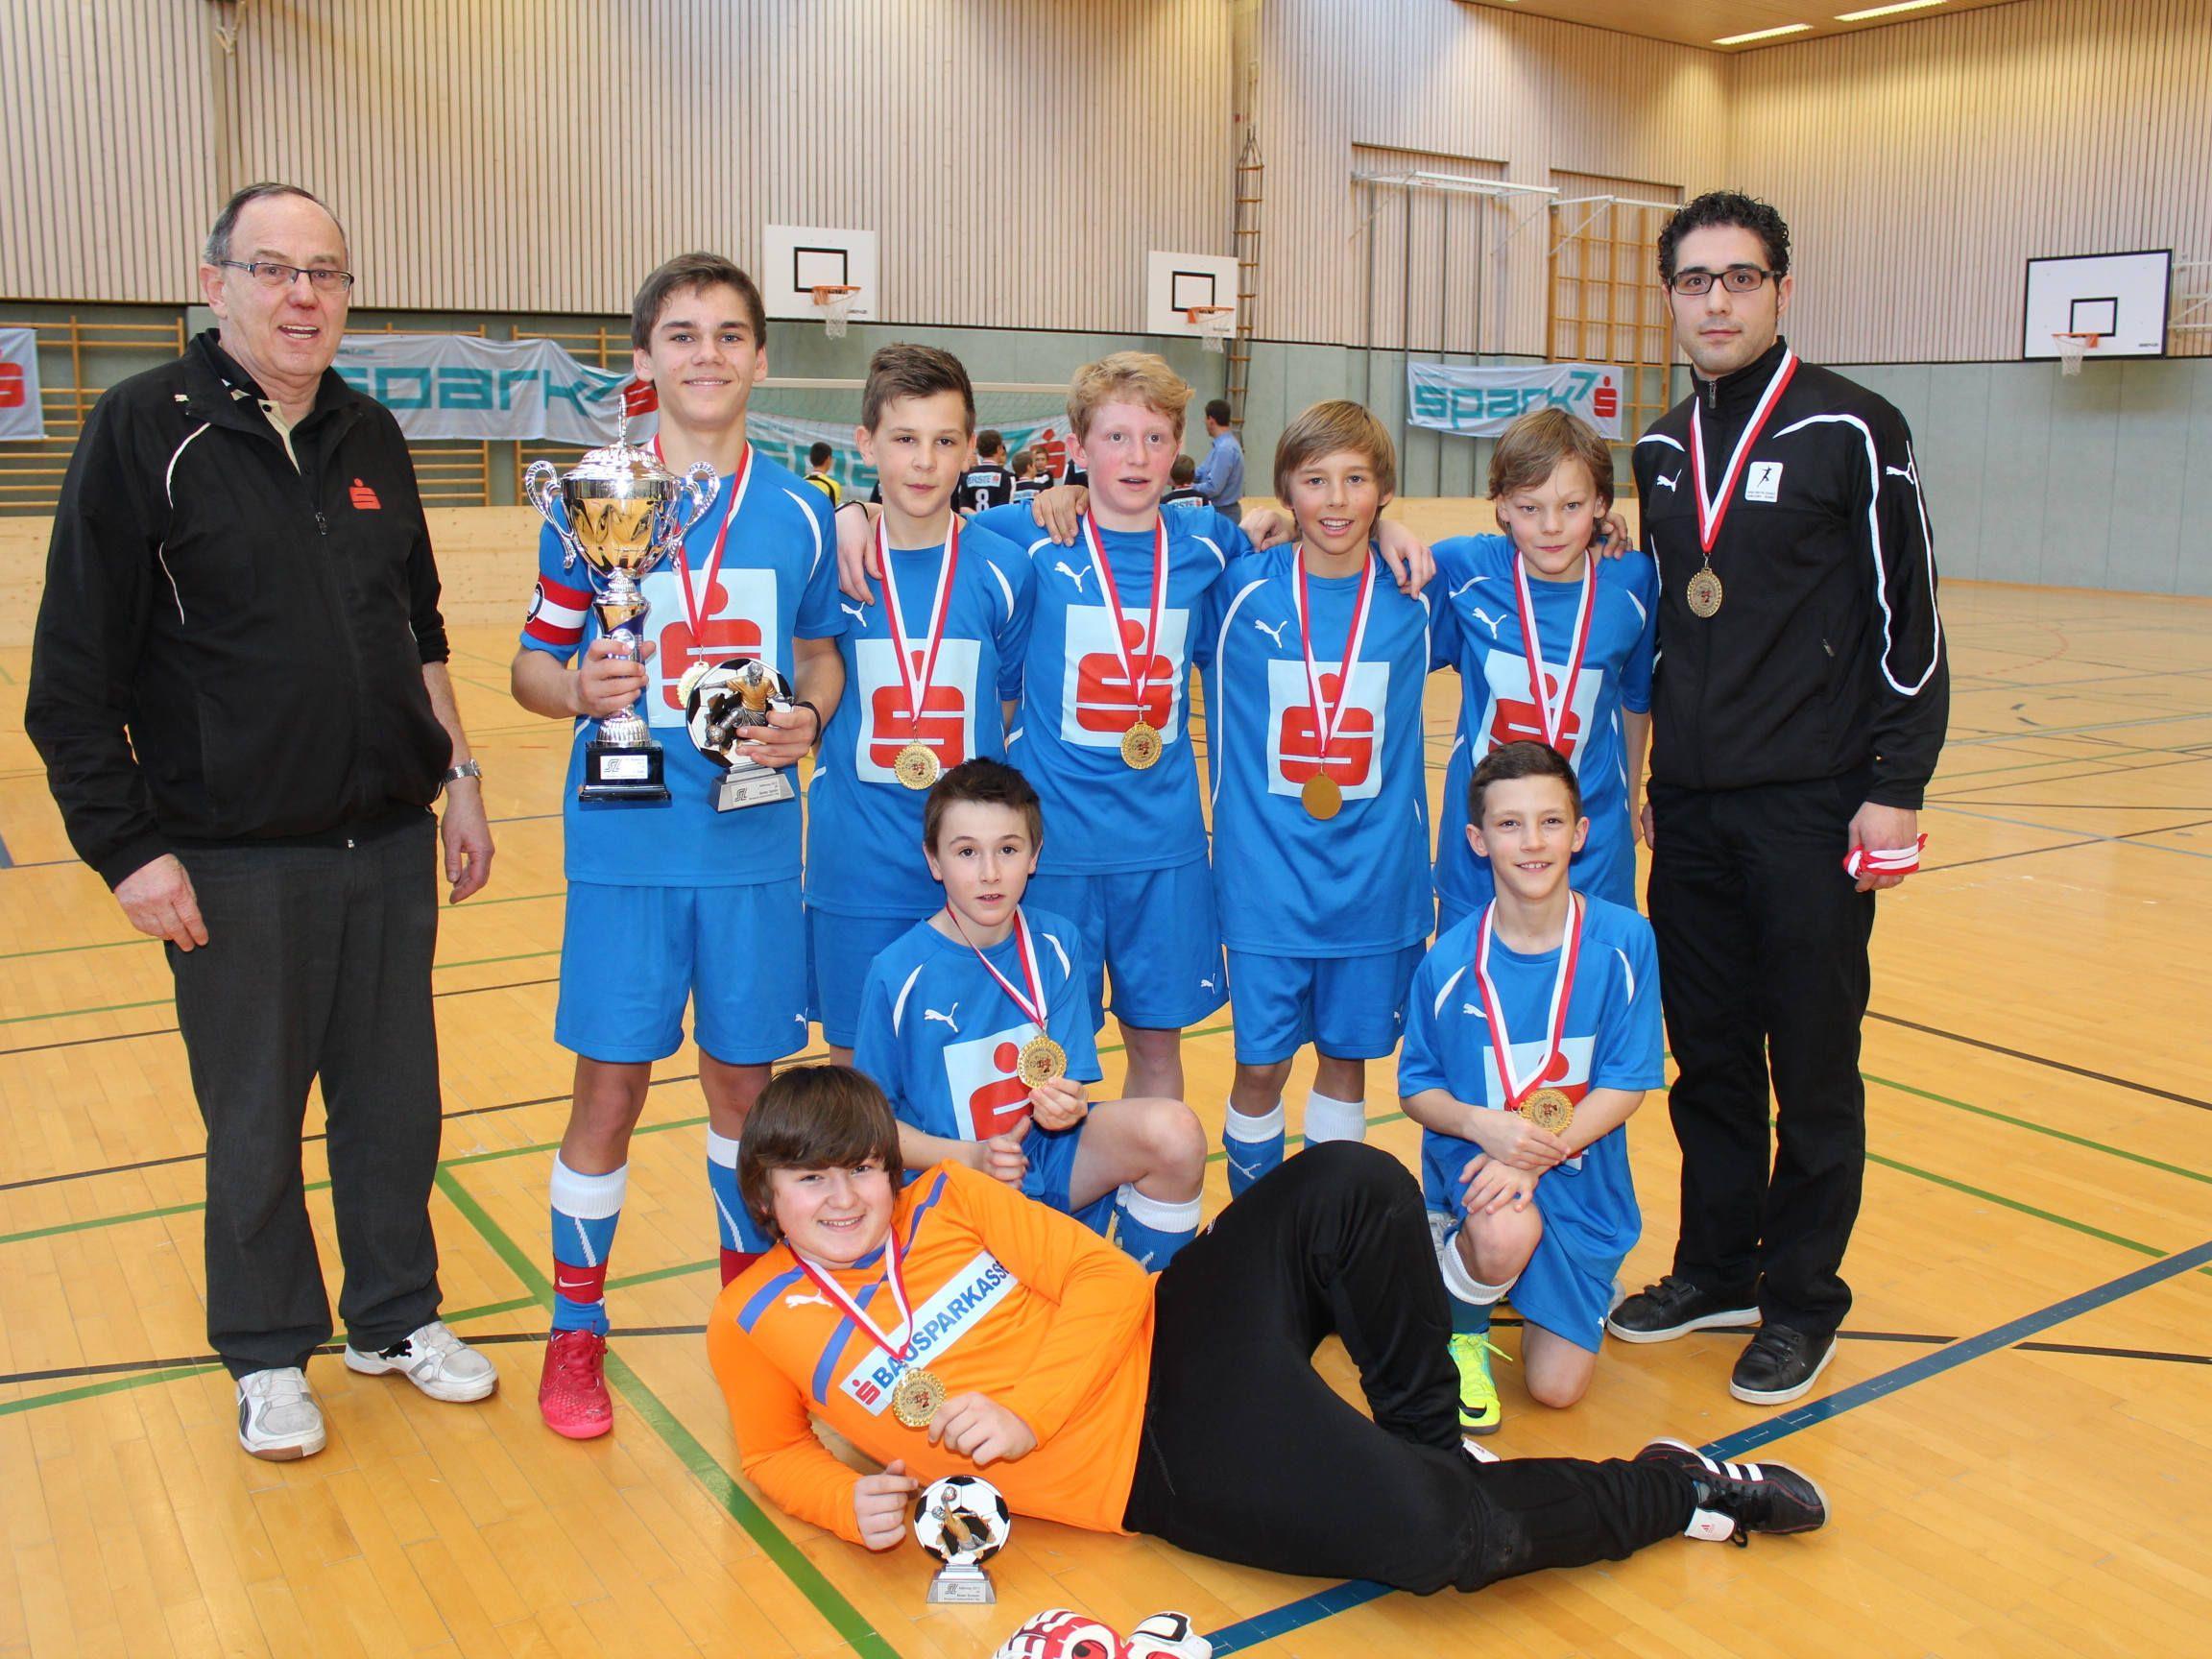 Das siegreiche Emser Team mit Trainer Dursun Kaya und SL-Referent Hubert Dünser.